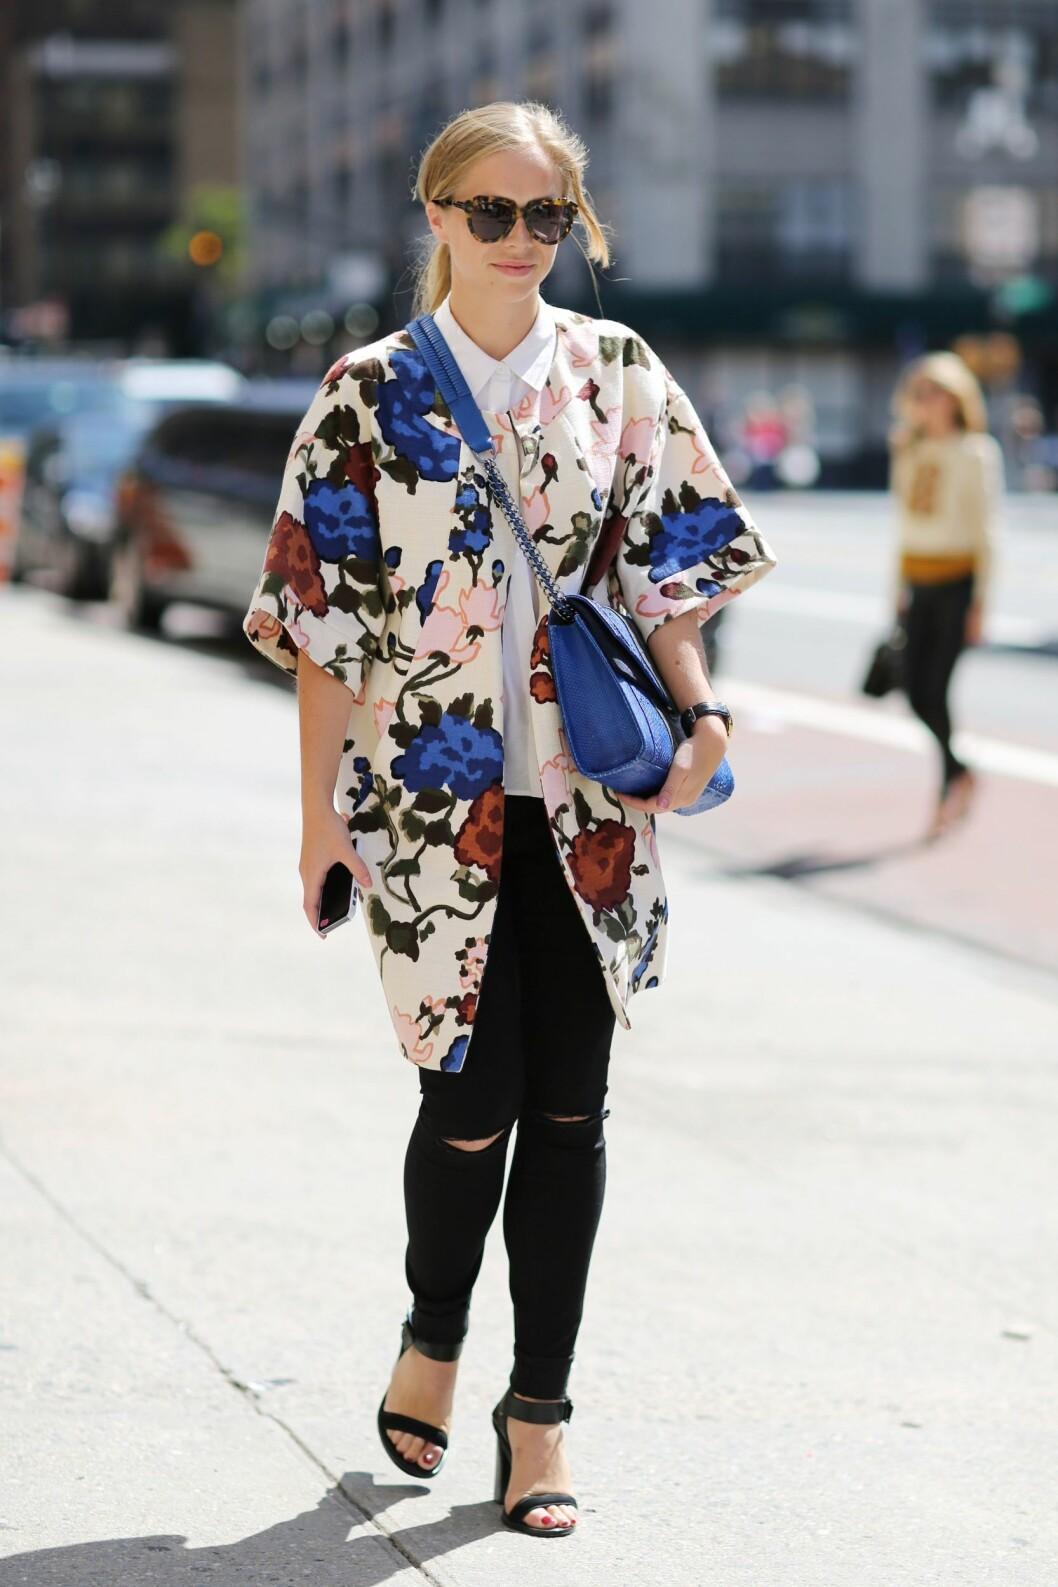 Bytt ut den mørke vinterkåpen med en blomstret variant. Foto: All Over